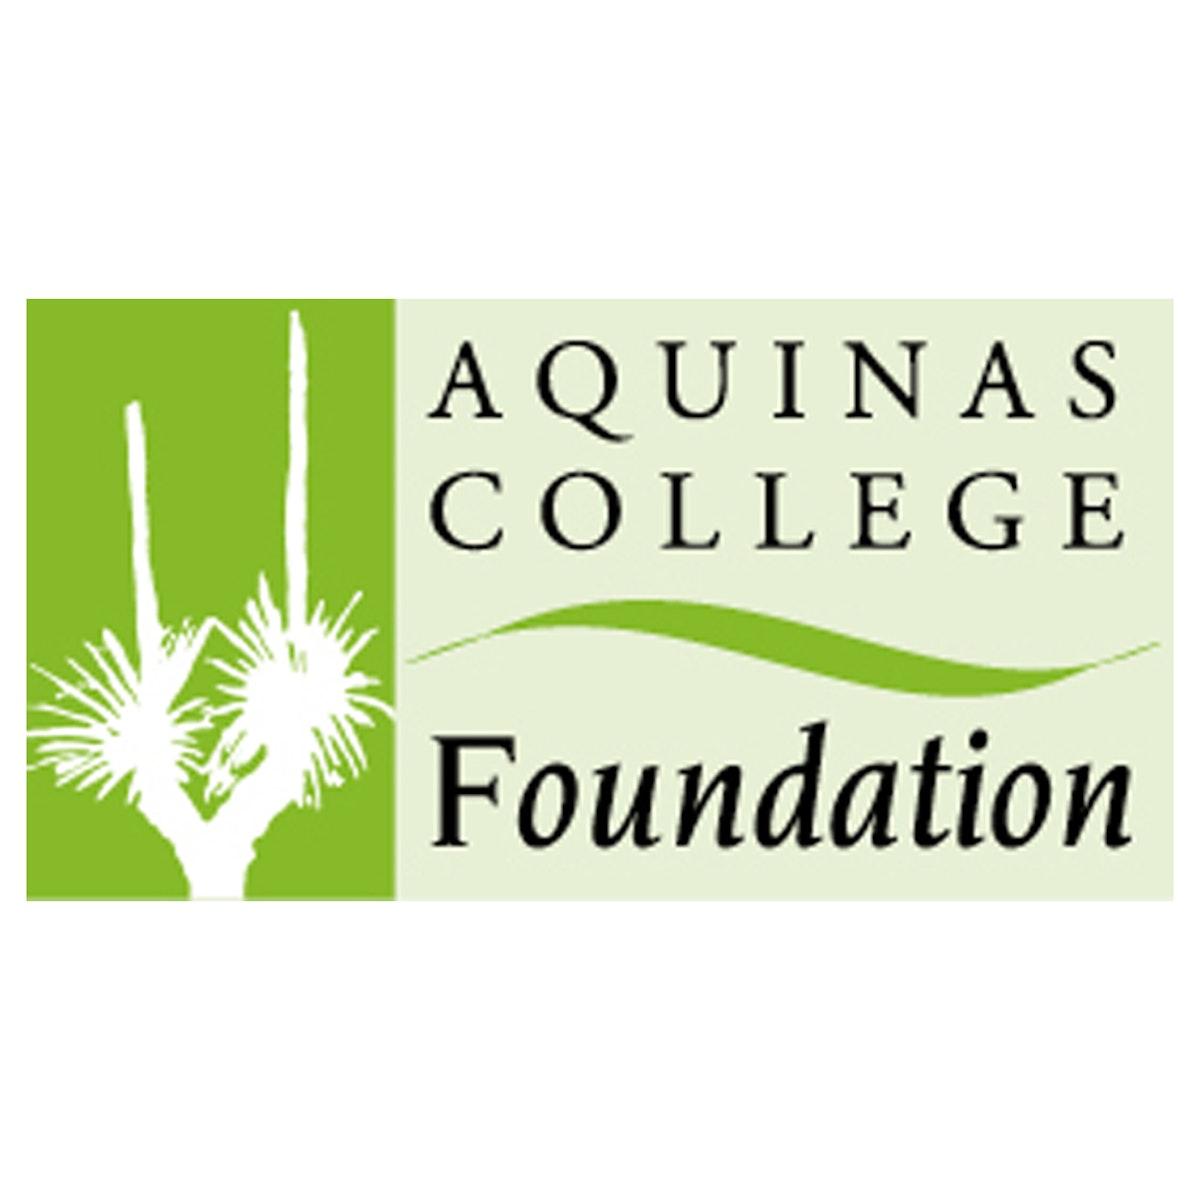 Aquinas College Foundation Logo